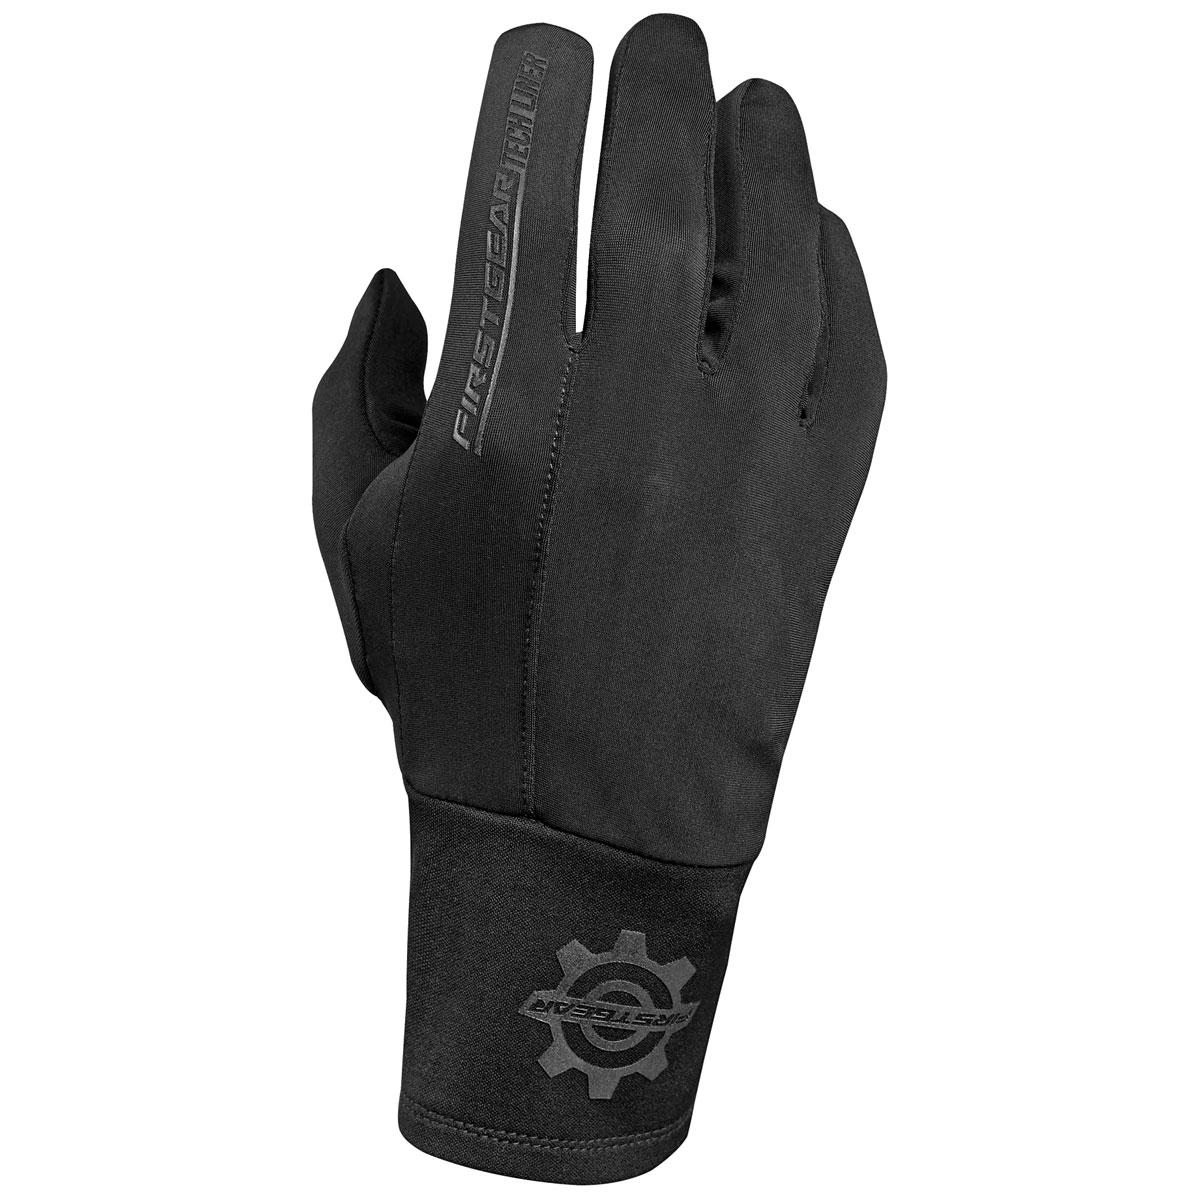 Firstgear Women's Tech Black Glove Liners